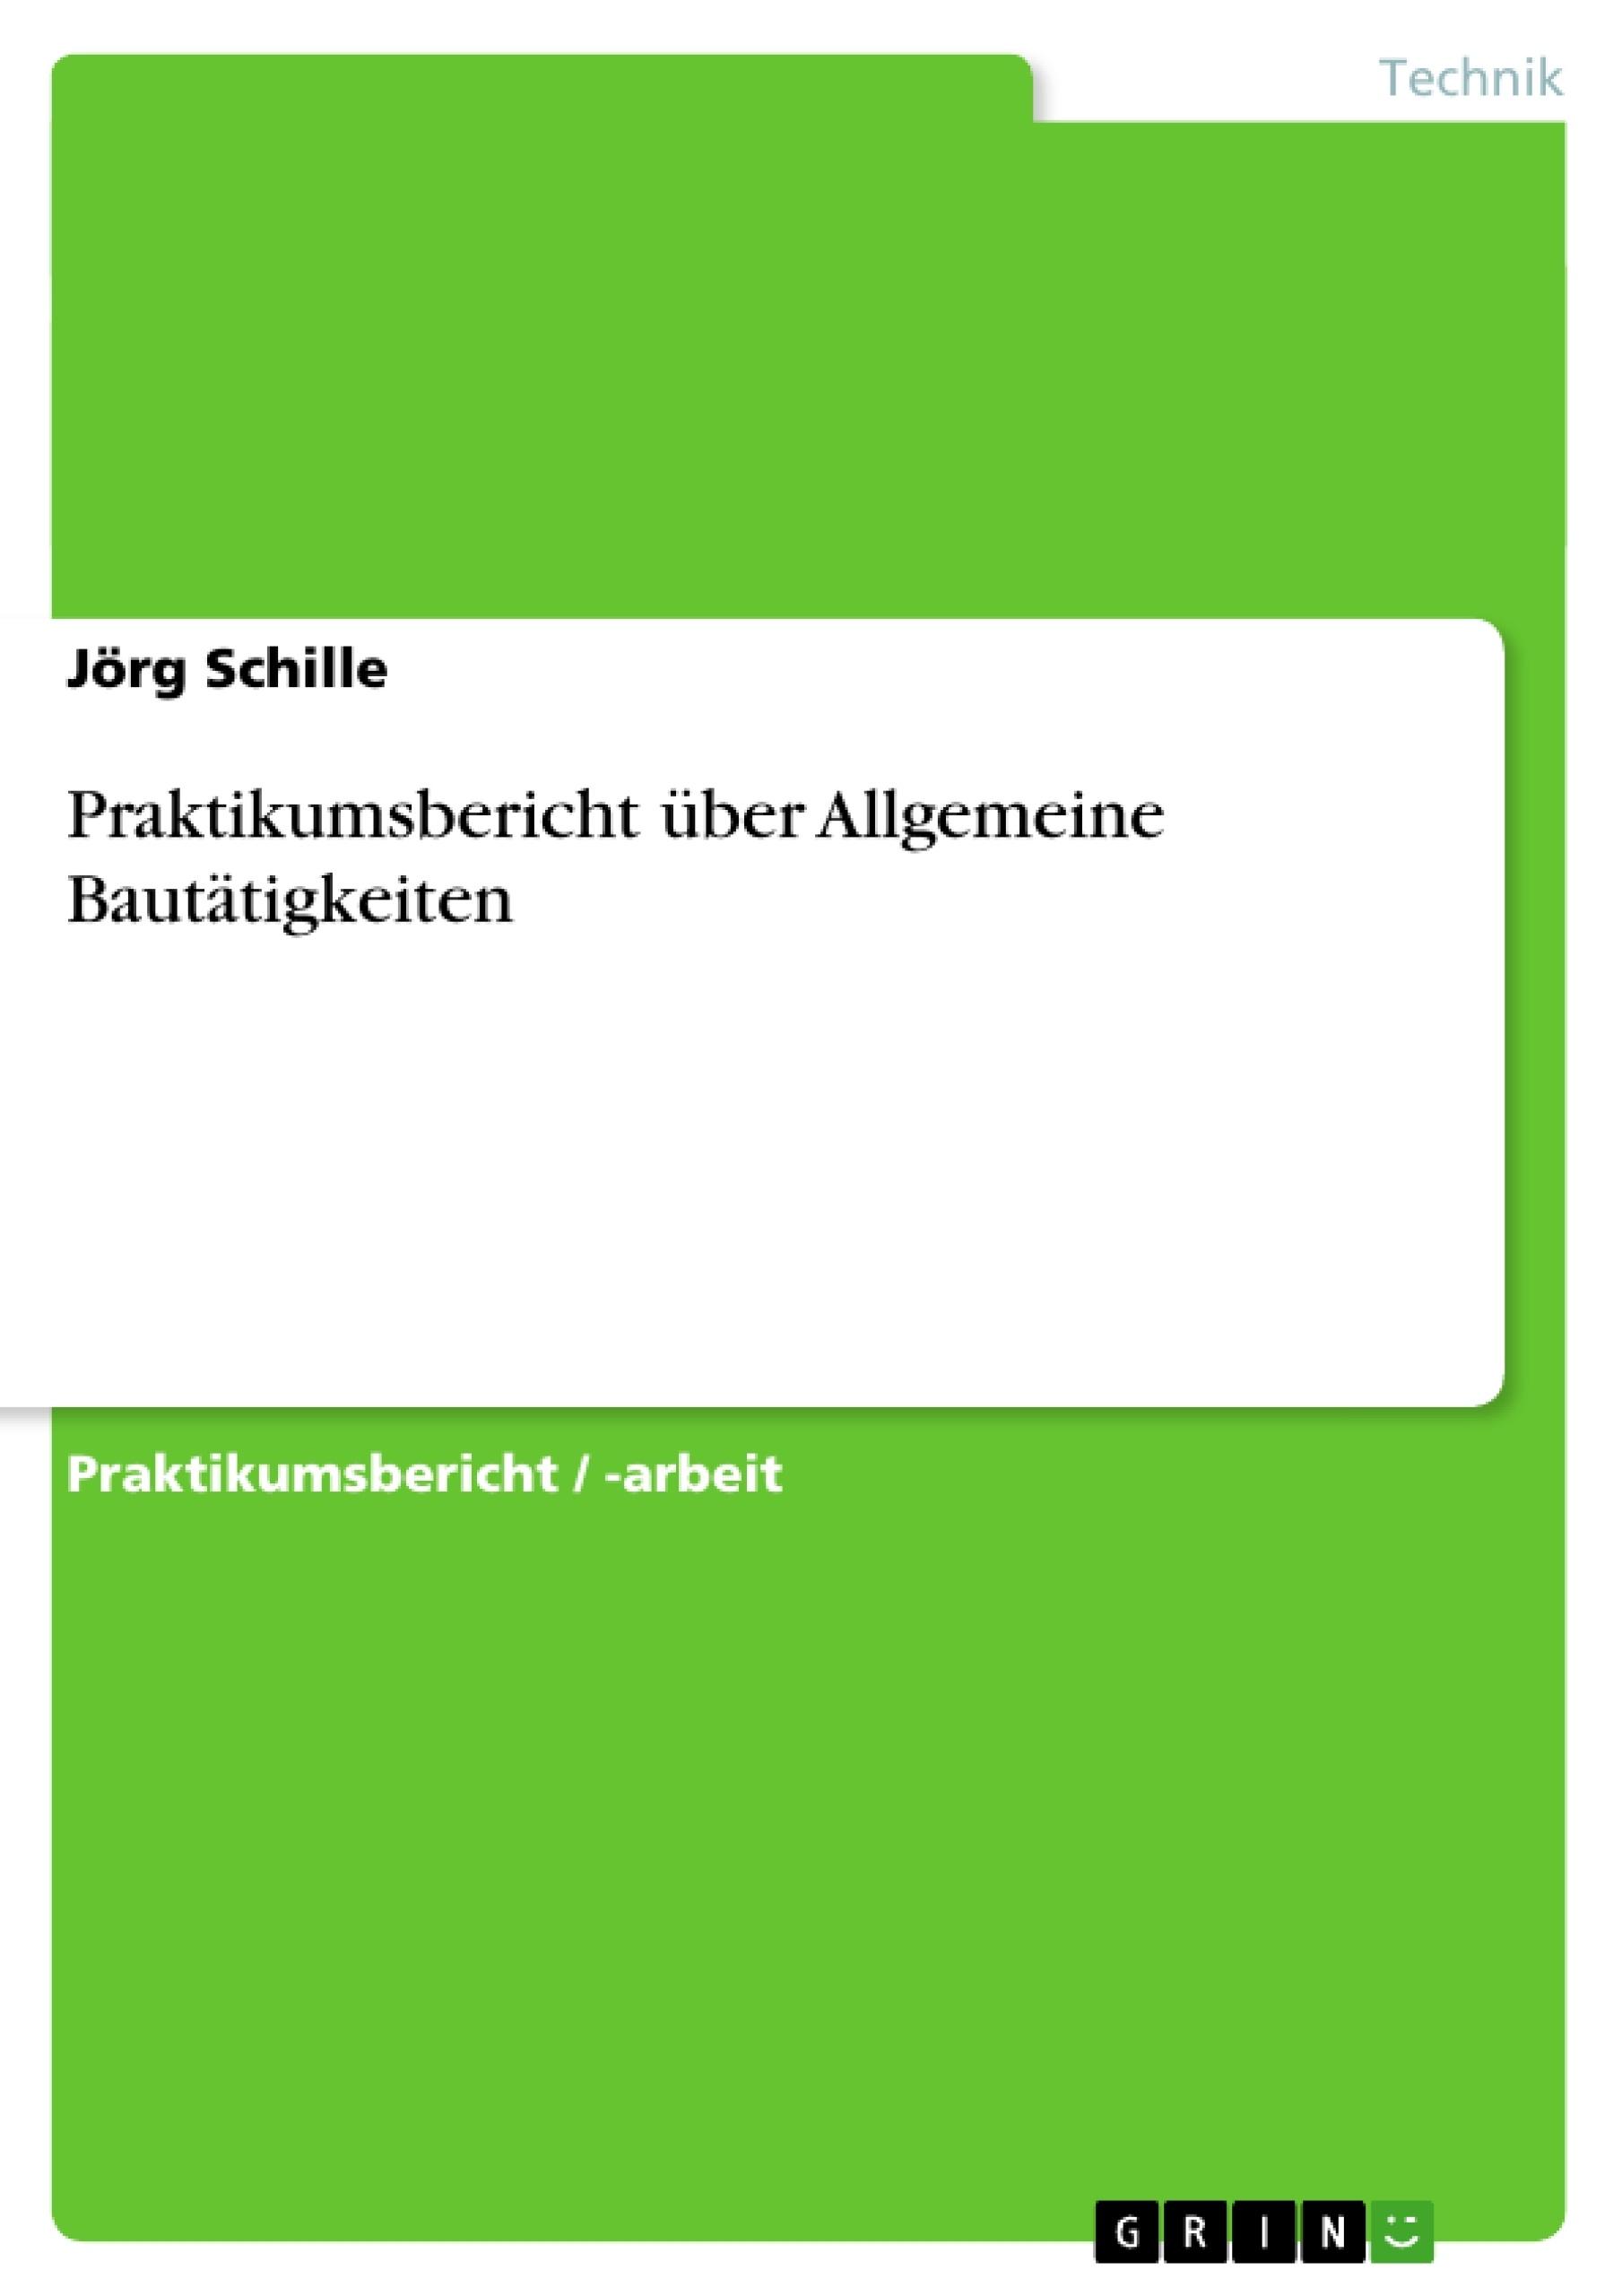 Titel: Praktikumsbericht über Allgemeine Bautätigkeiten